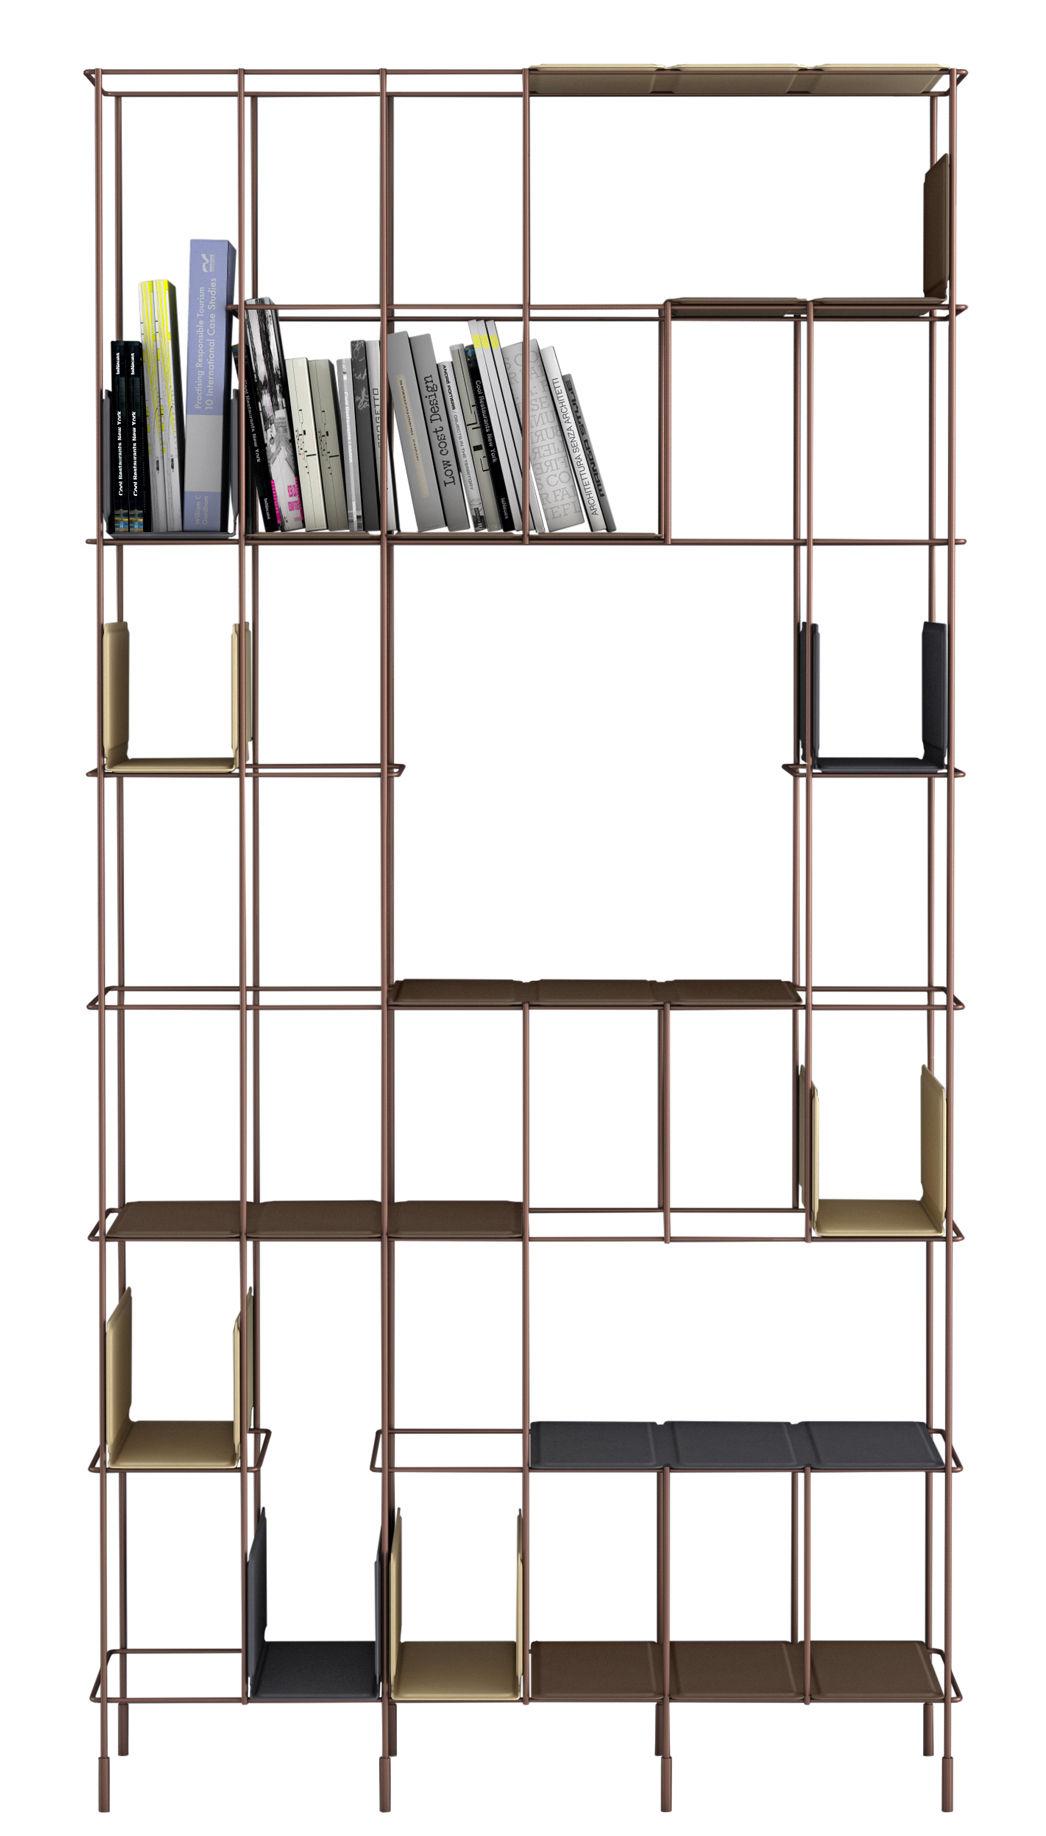 Mobilier - Etagères & bibliothèques - Bibliothèque Network / Etageres amovibles - L 98 x H192 cm - Casamania - Structure bronze / étagères : chocolat - Métal peint, Similicuir